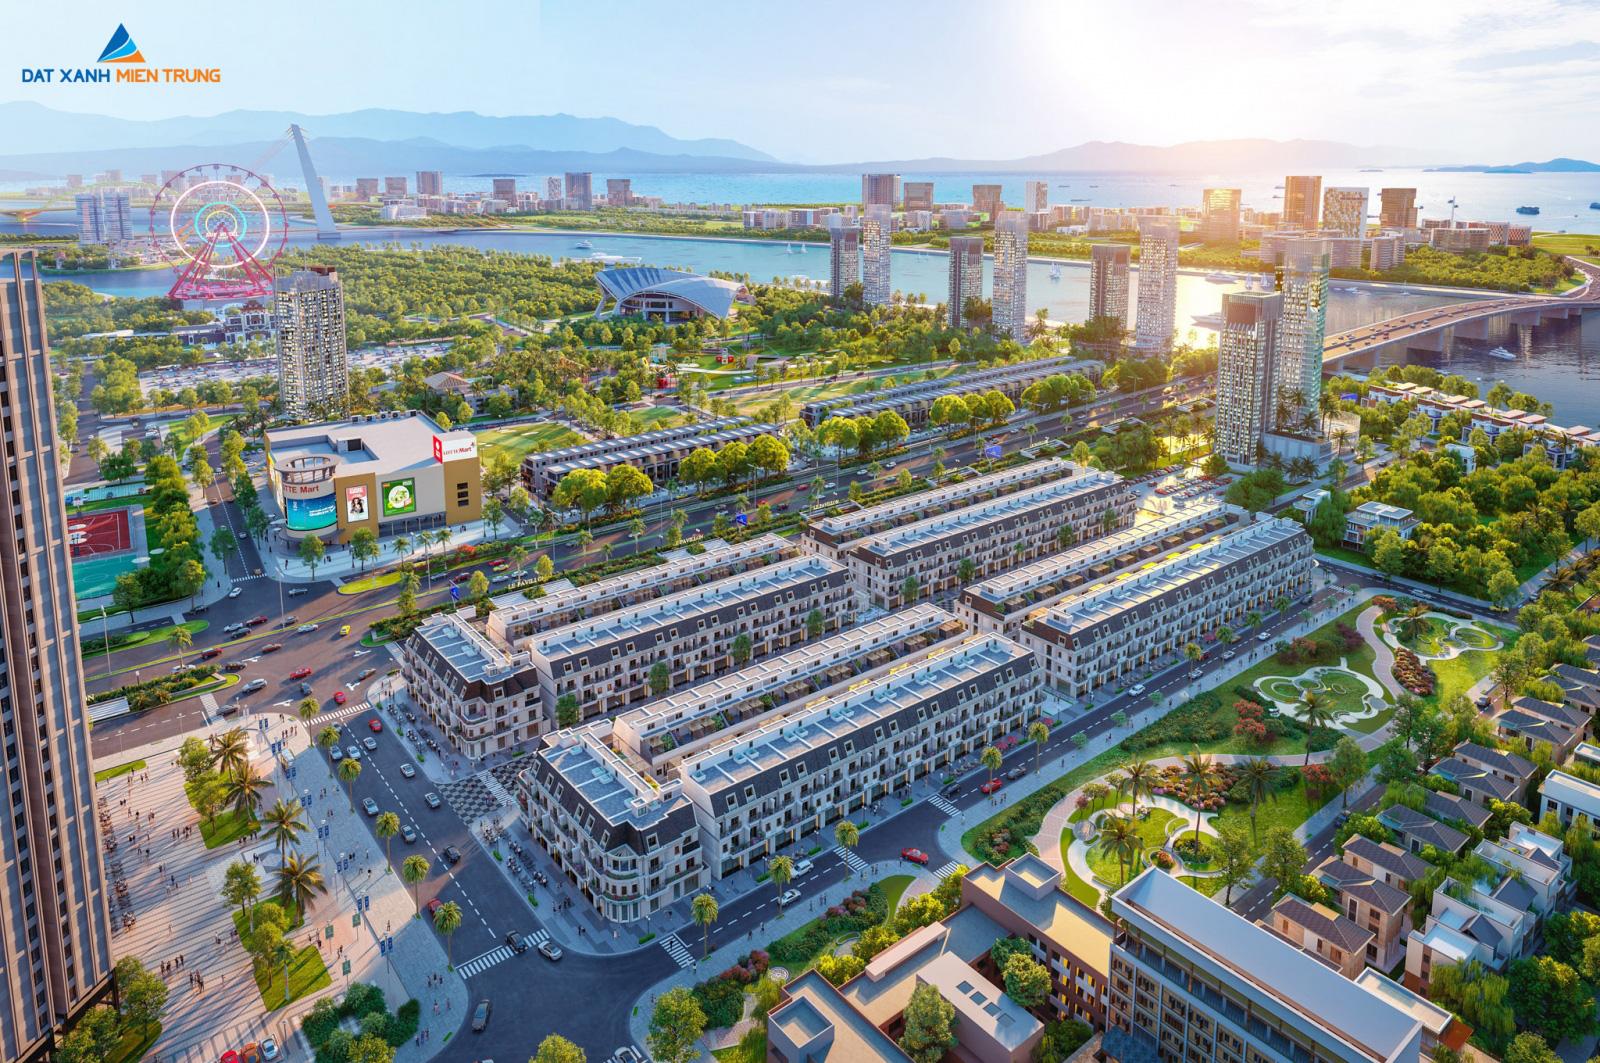 10 năm thành lập, Đất Xanh miền Trung trở thành nhà phát triển bất động sản hạng sang hàng đầu - Ảnh 5.